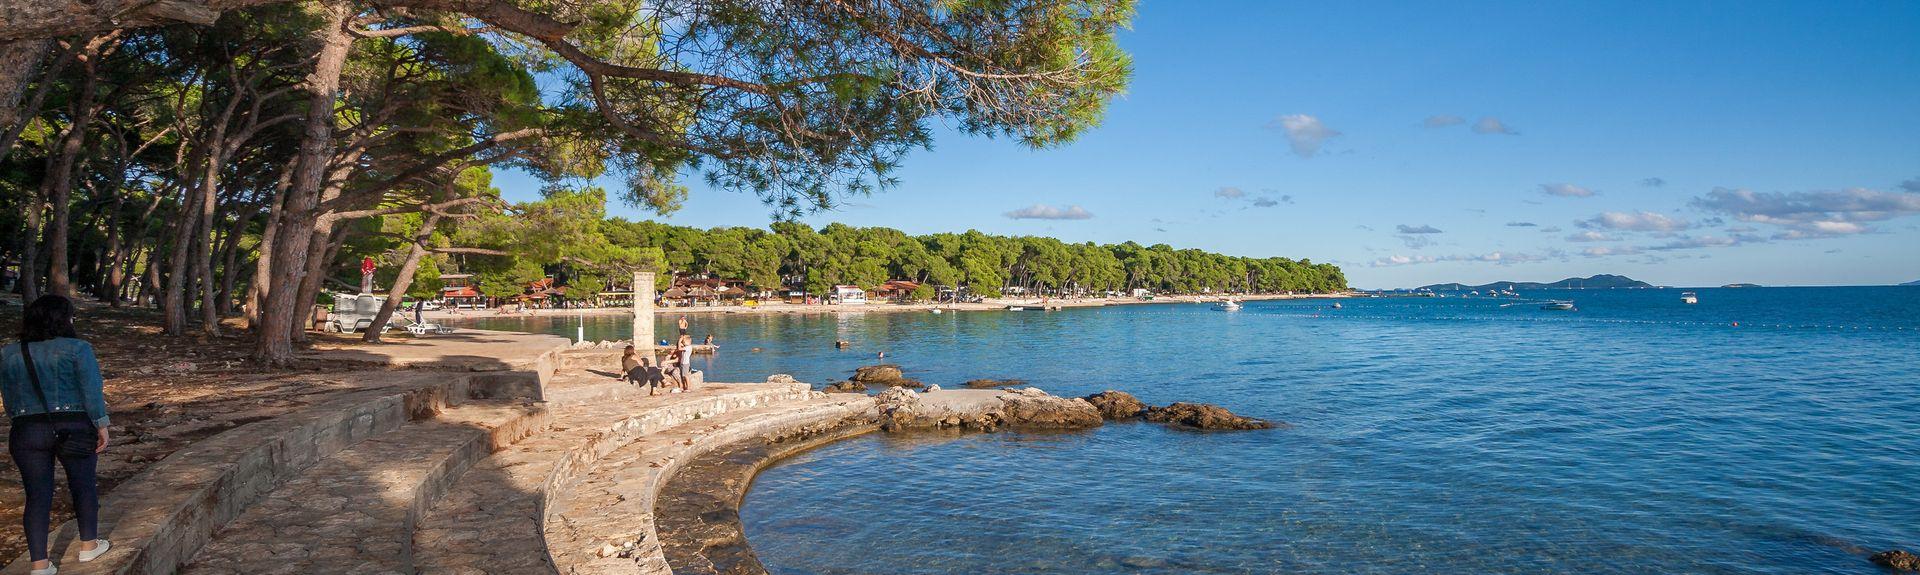 Pašman Island, Zadarin piirikunta, Kroatia